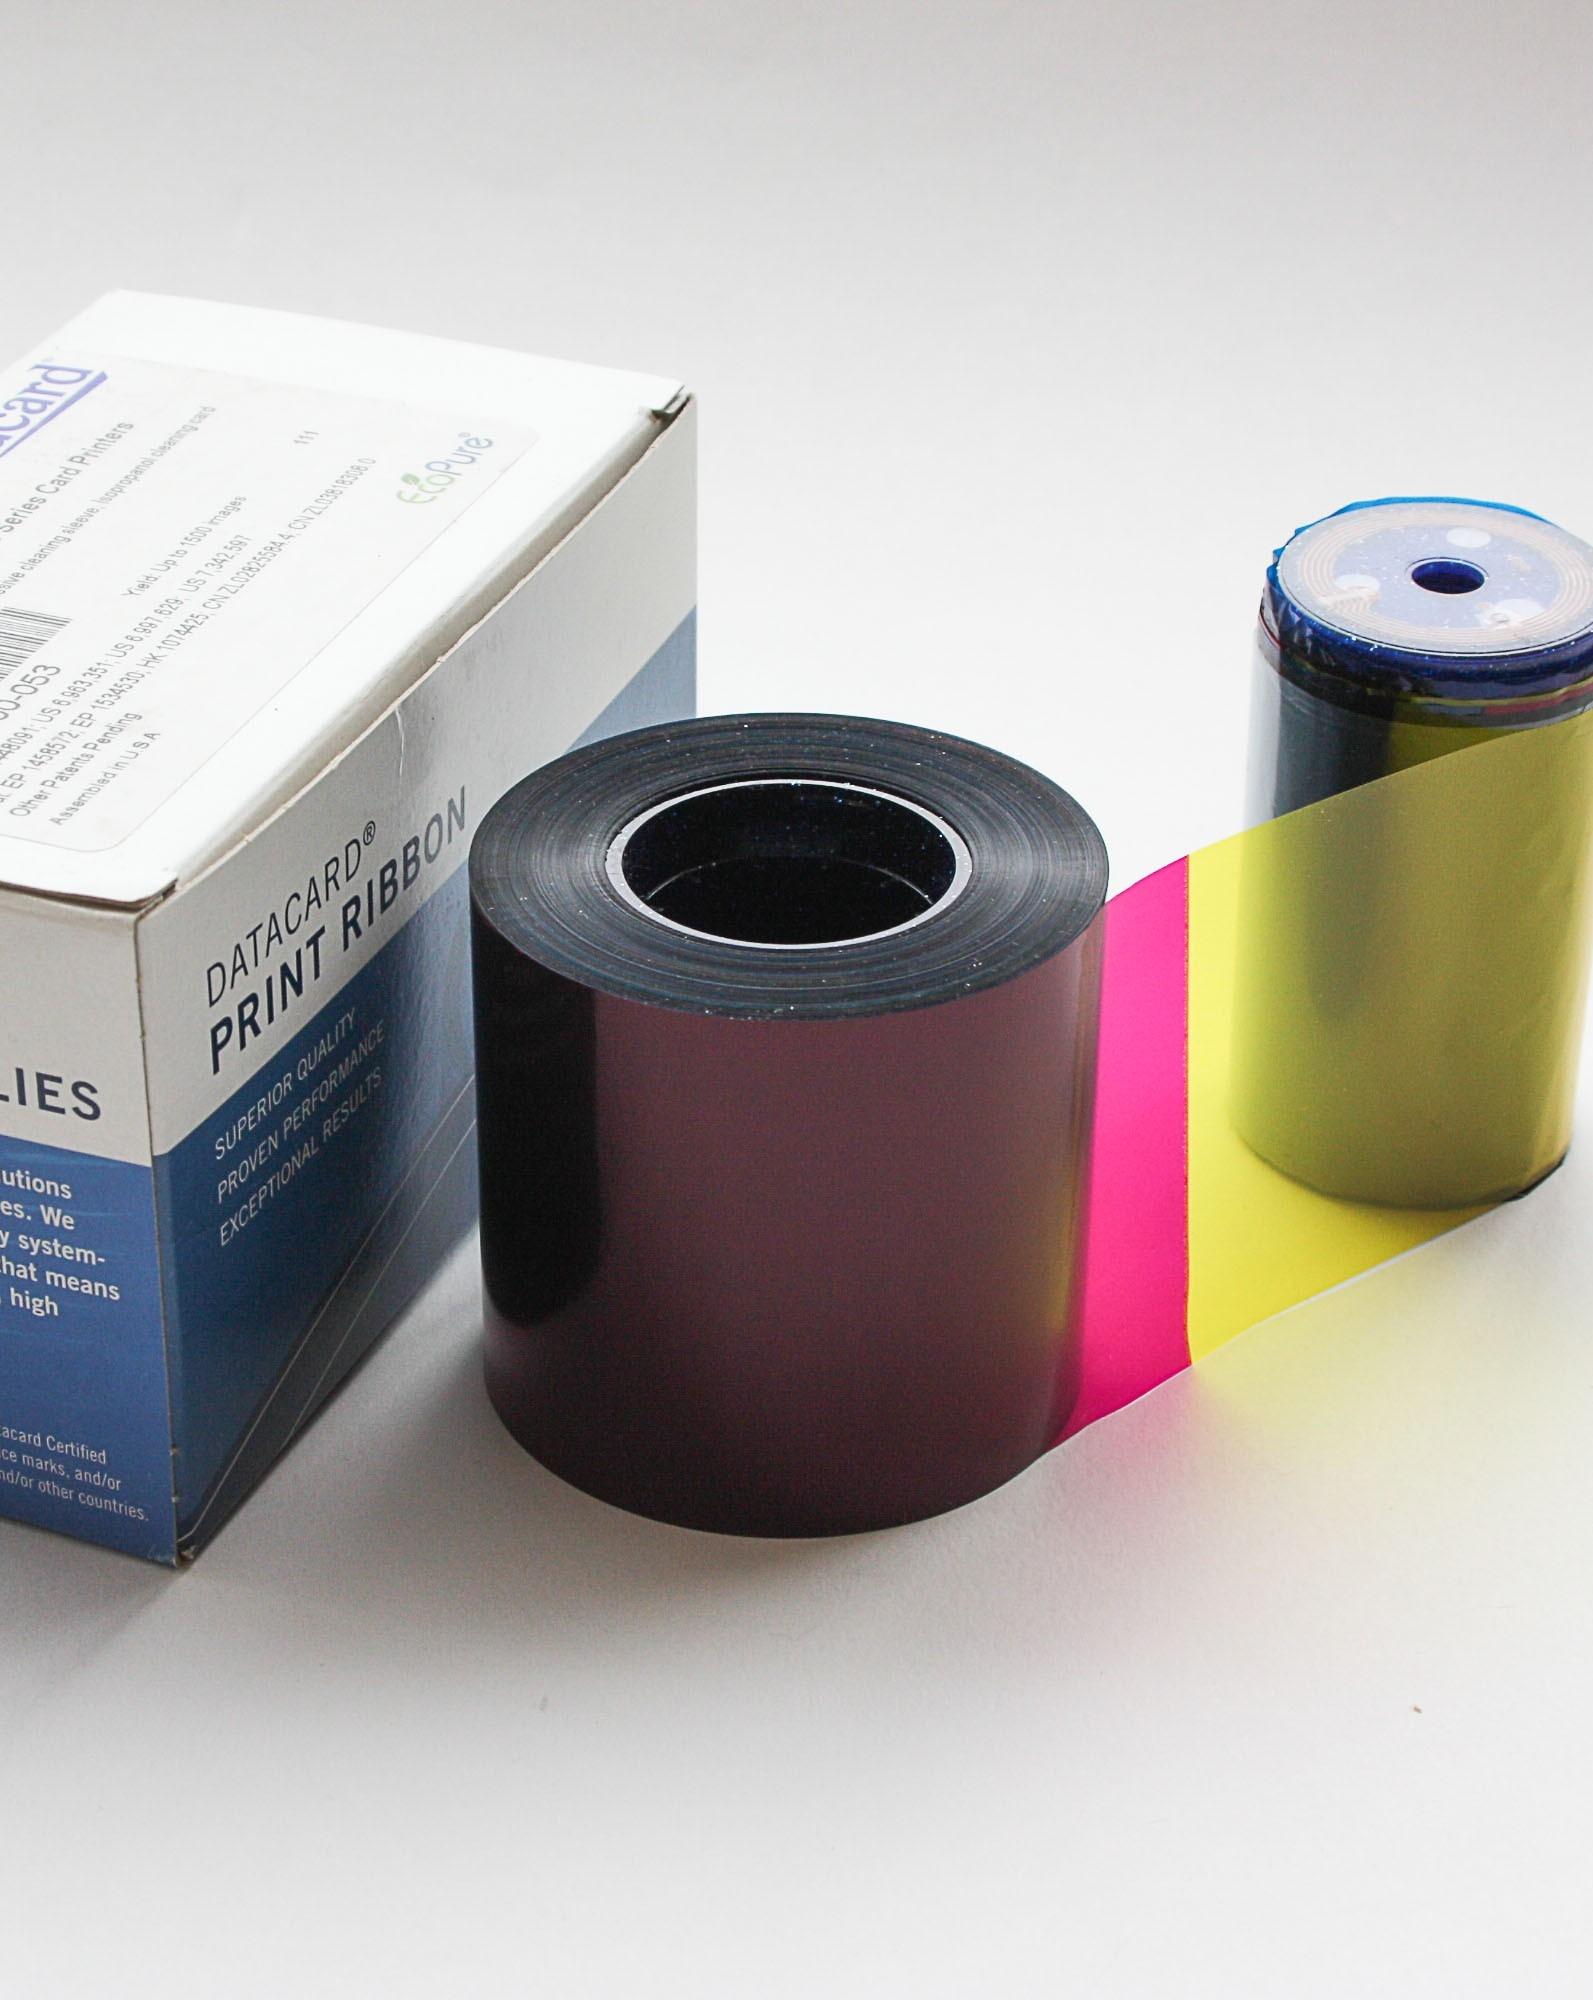 Rubans couleur et monochrome Datacard SP25 / SP25Plus - Cardalis